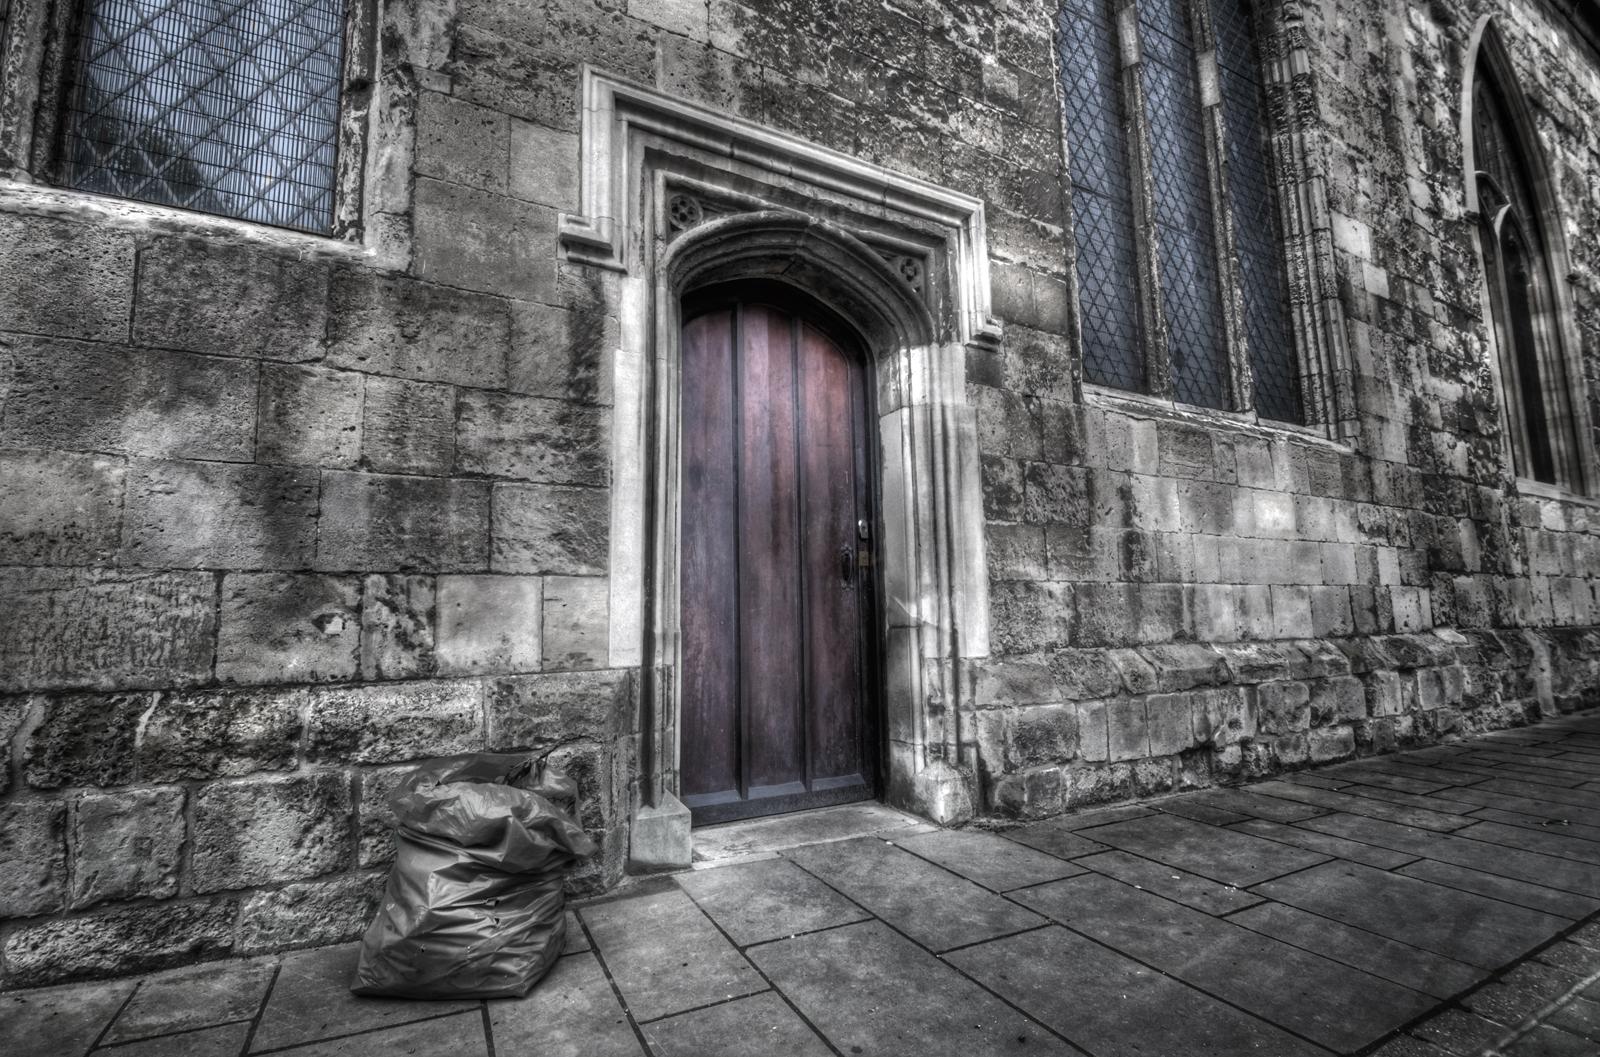 Mystery Door (Blend) (small) & Mystery Door u2013 Dan Goodman Photography pezcame.com